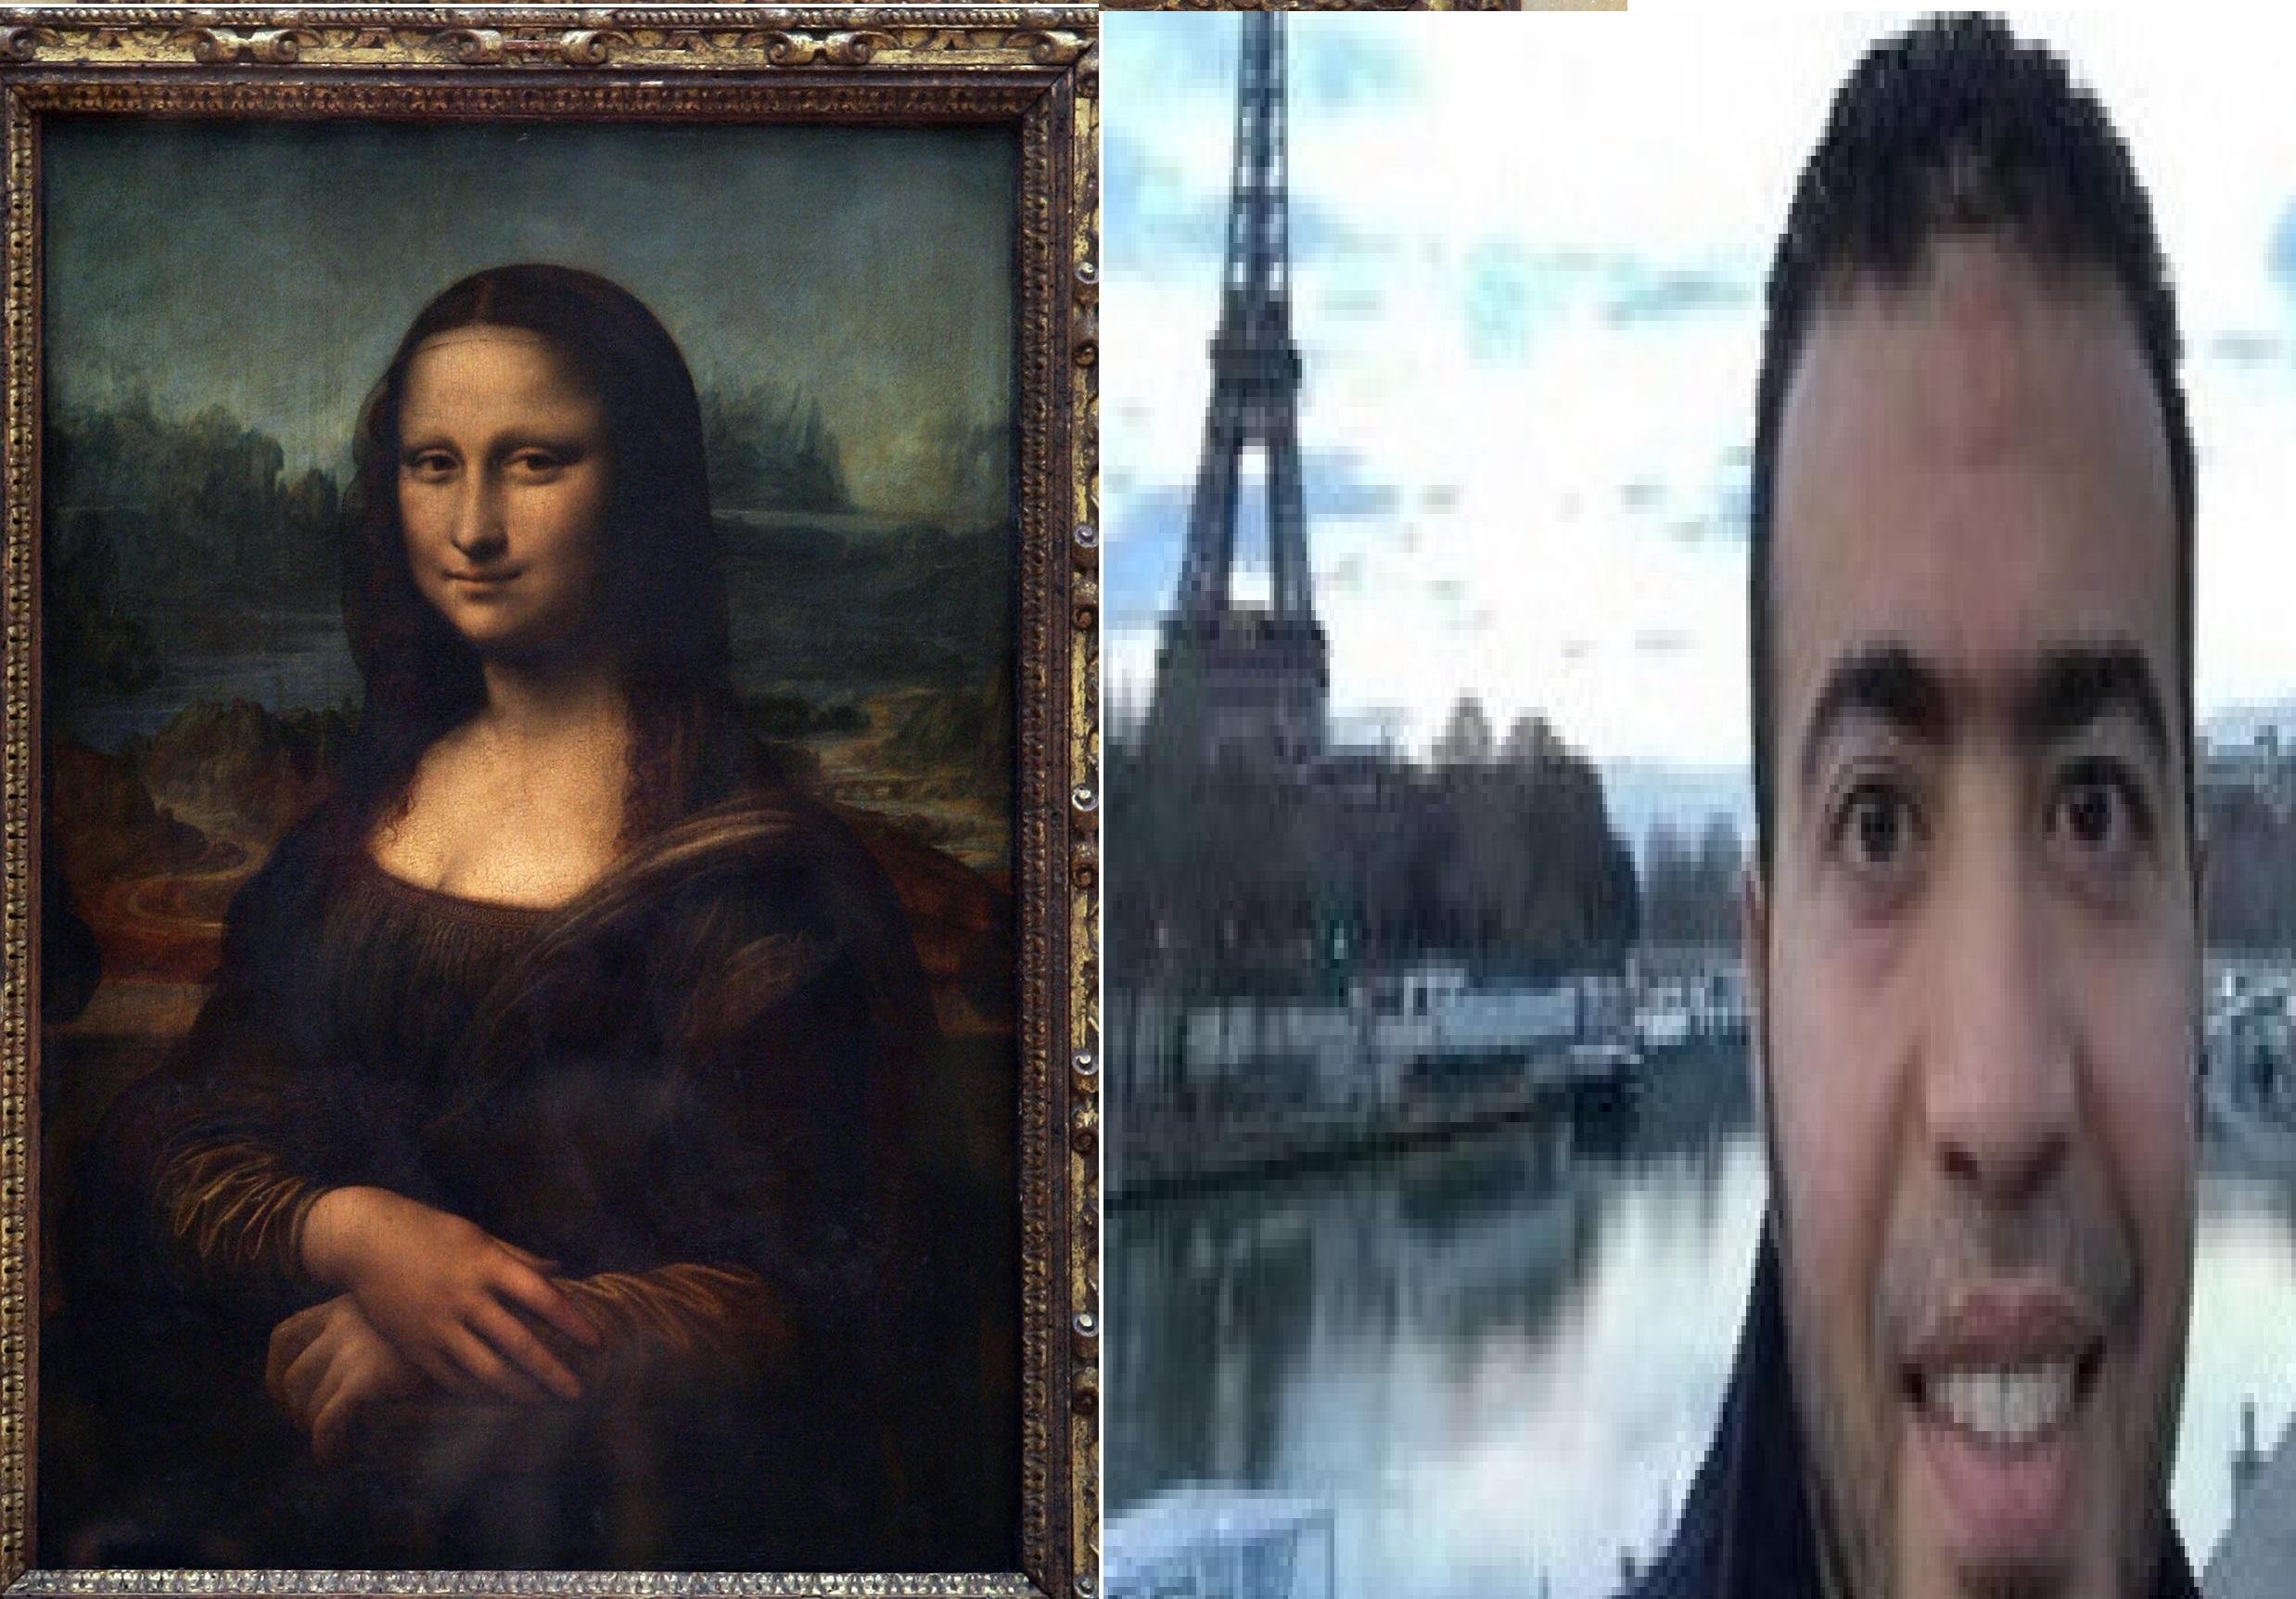 إلى اليمني وصةر عبد الله الحماحمي التي أرسلها ألى أهله قبل الهجوم بدقائق ، وإلى اليسار لوحة الموناليزا أشهر مقتنيات متحف اللوفر